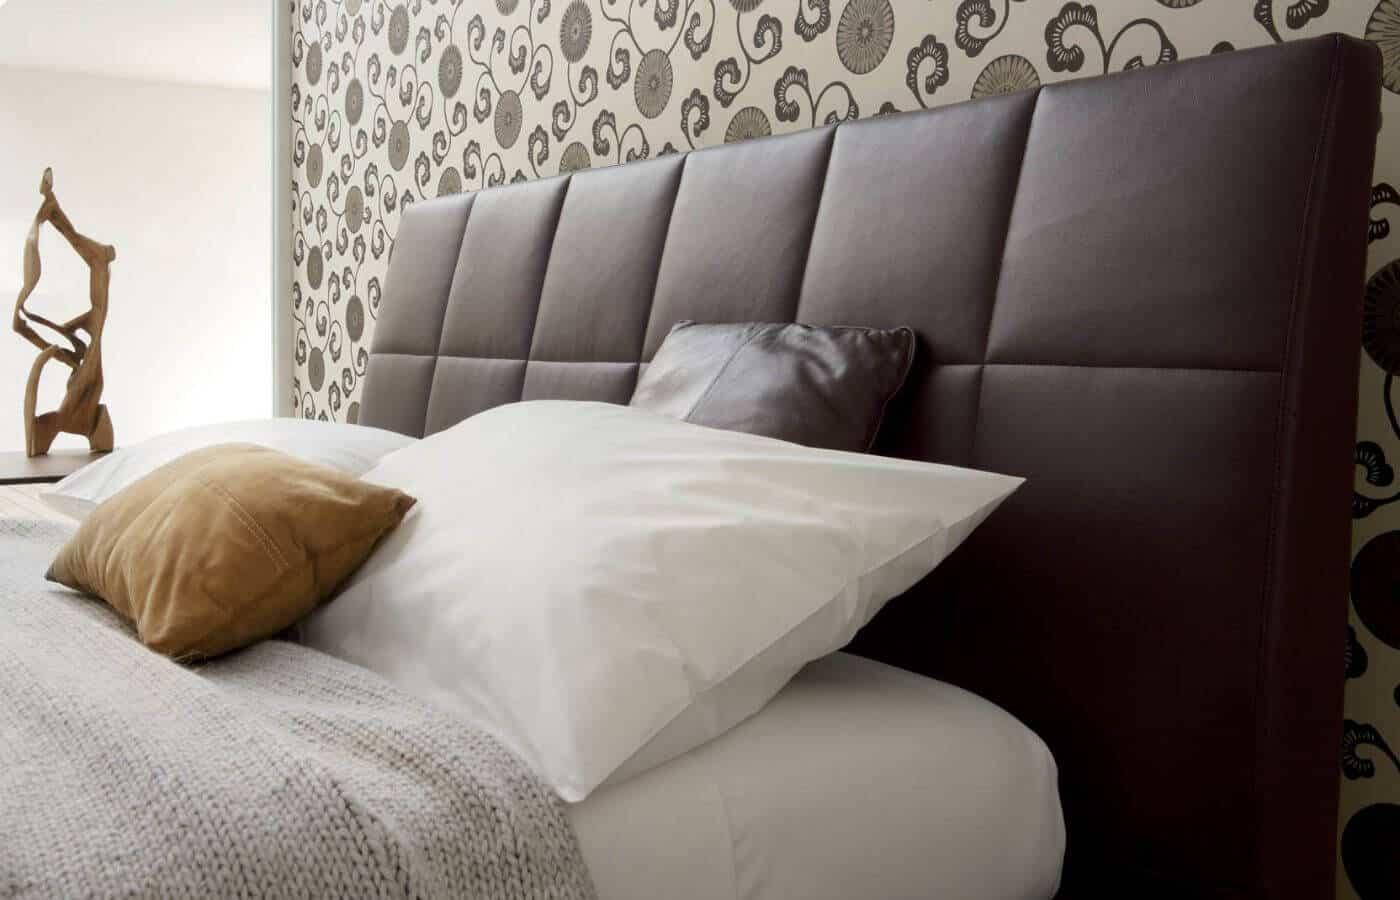 zona-notte-letto-collezione-doze-il-mobile (3)